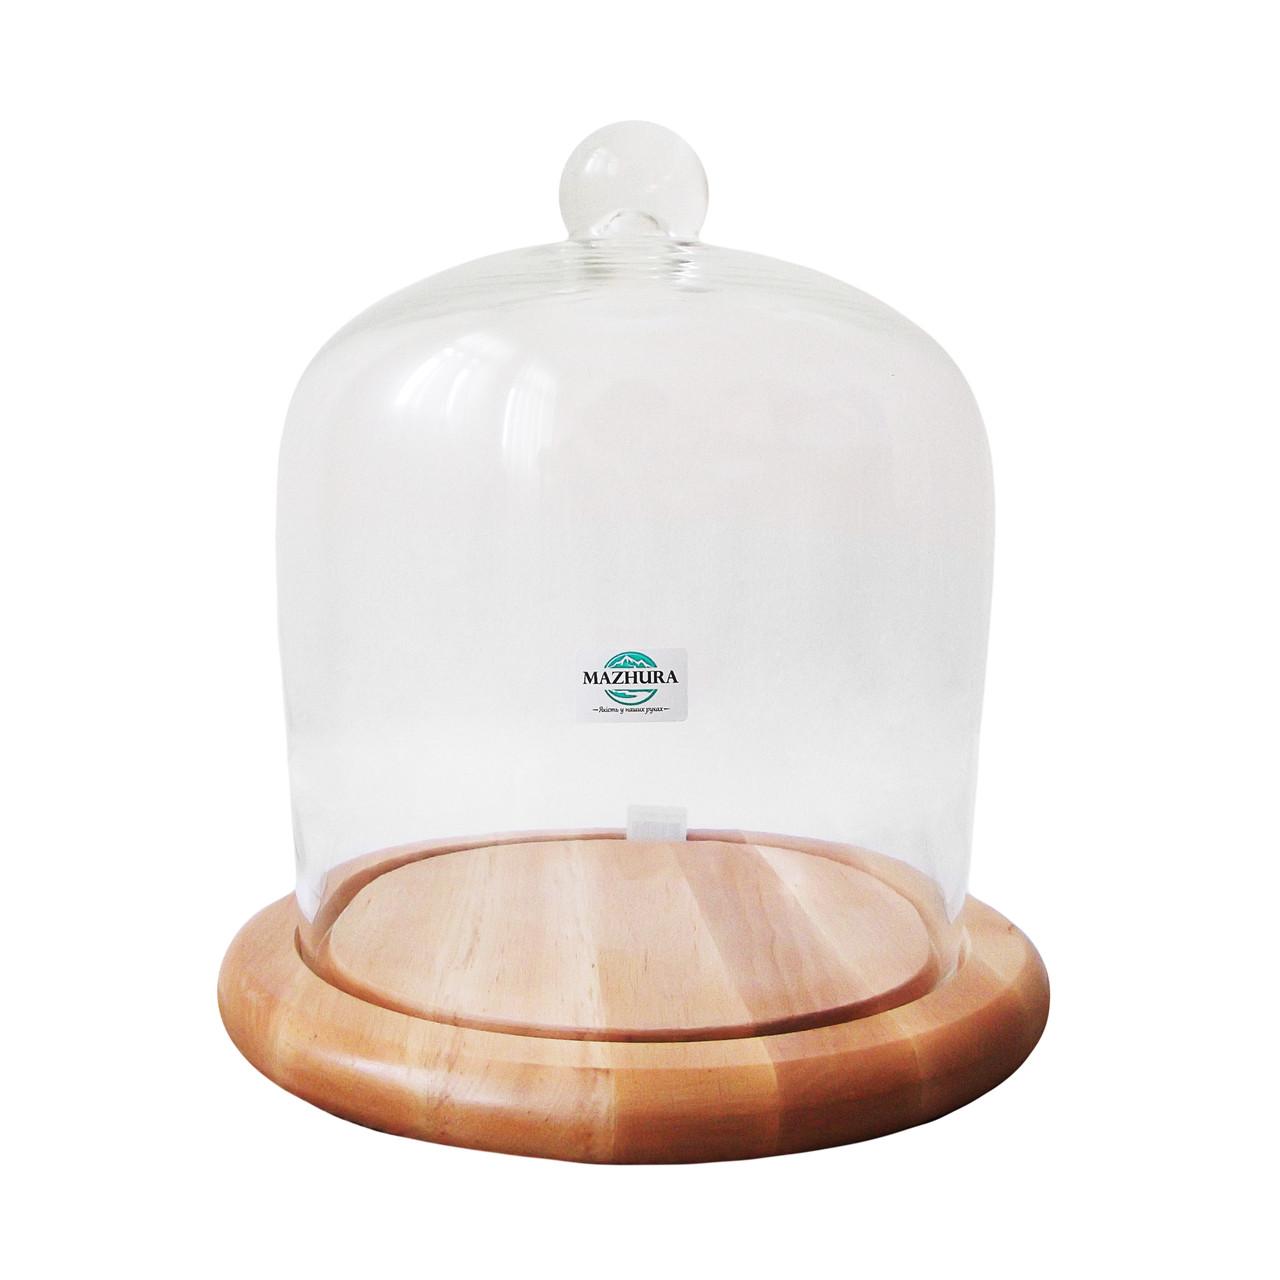 Тортовница деревянная со стеклянной крышкой d 24 см Mazhura CANDY BAR mz323617